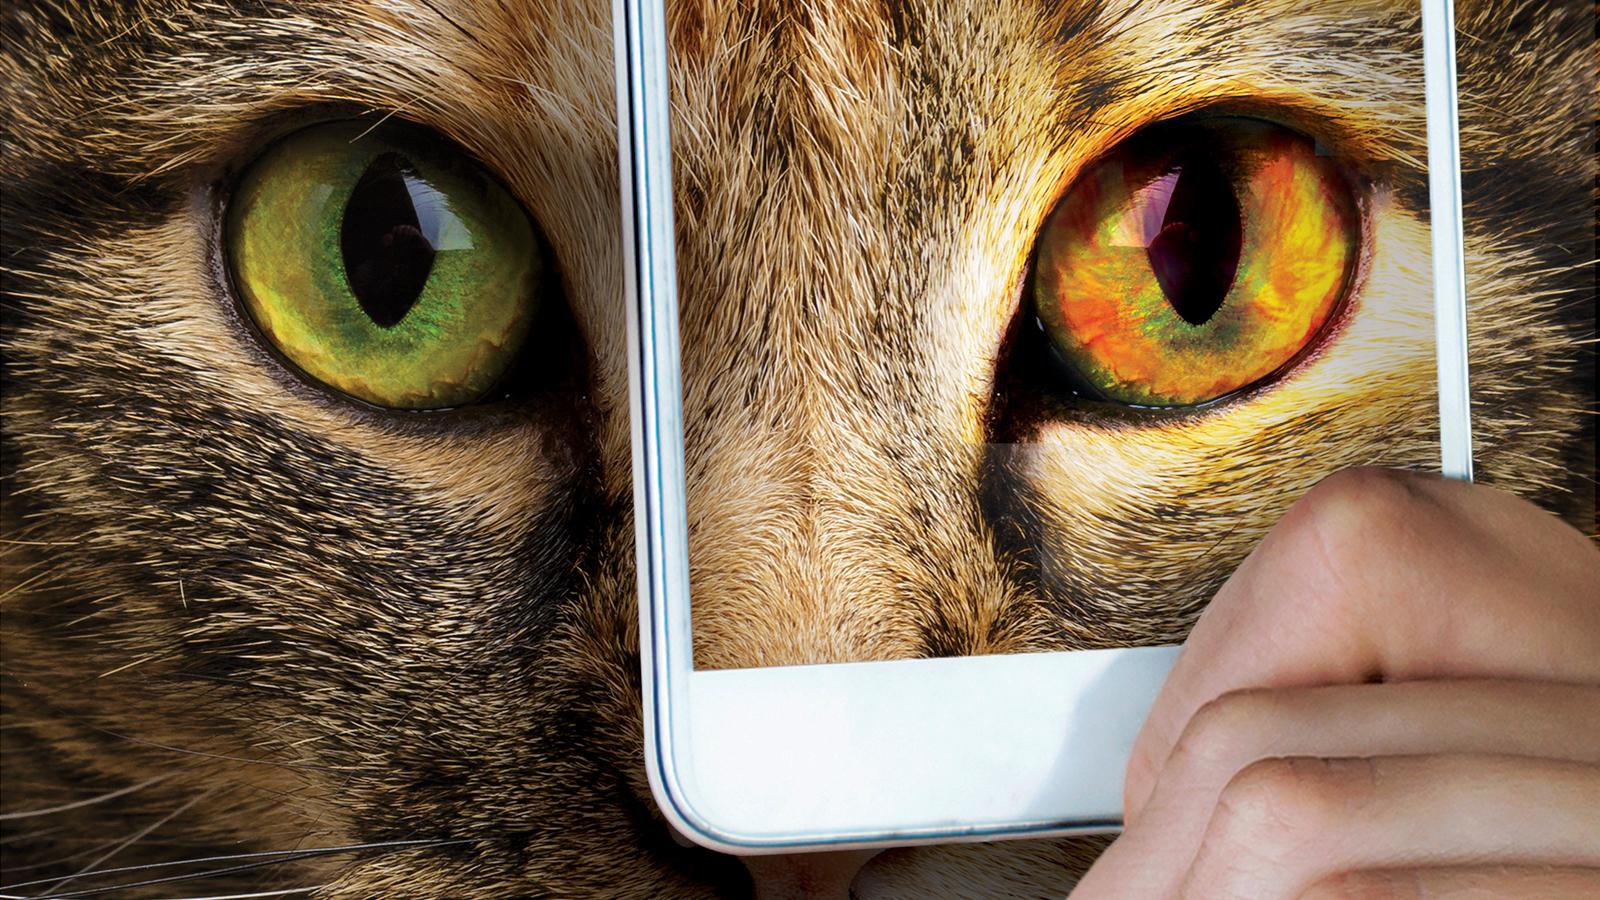 Klinik oftalmolojide akıllı telefon kullanımı